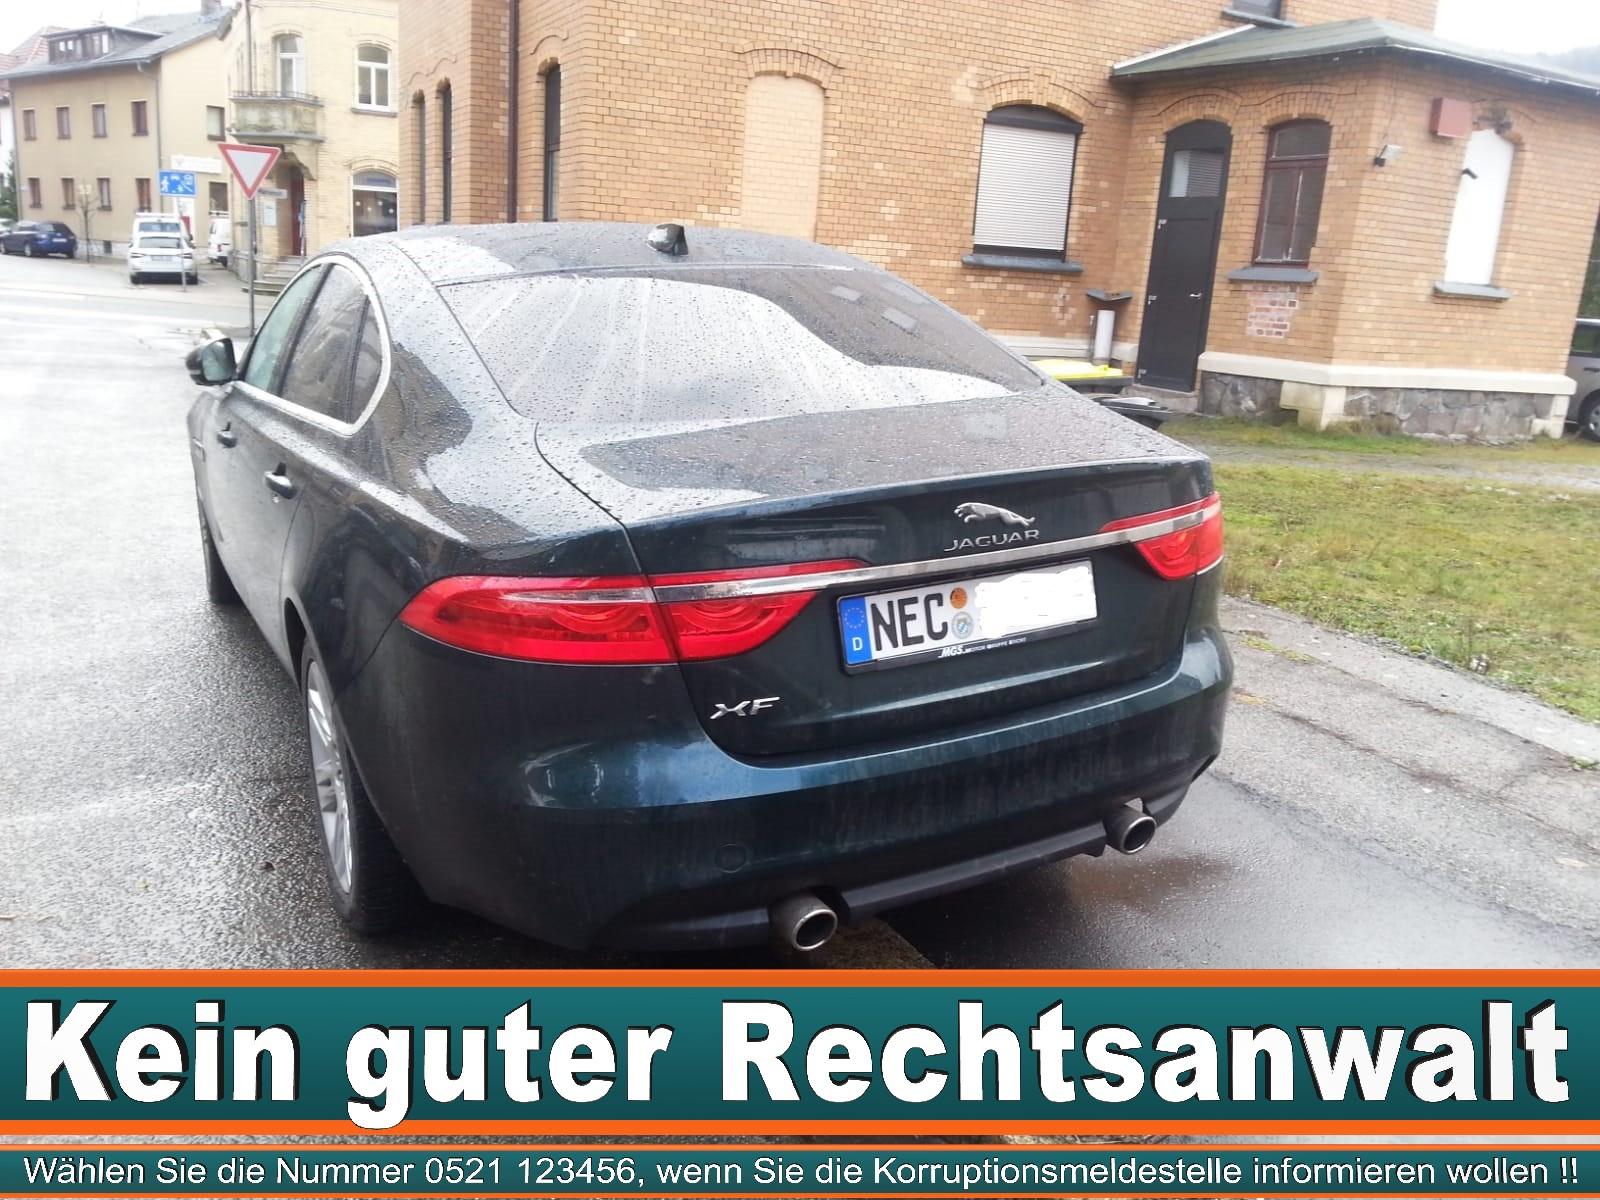 Rechtsanwaltskanzlei Stephan Claus Marienstrasse 2 Neustadt Rechtsanwalt Stephan Claus 9